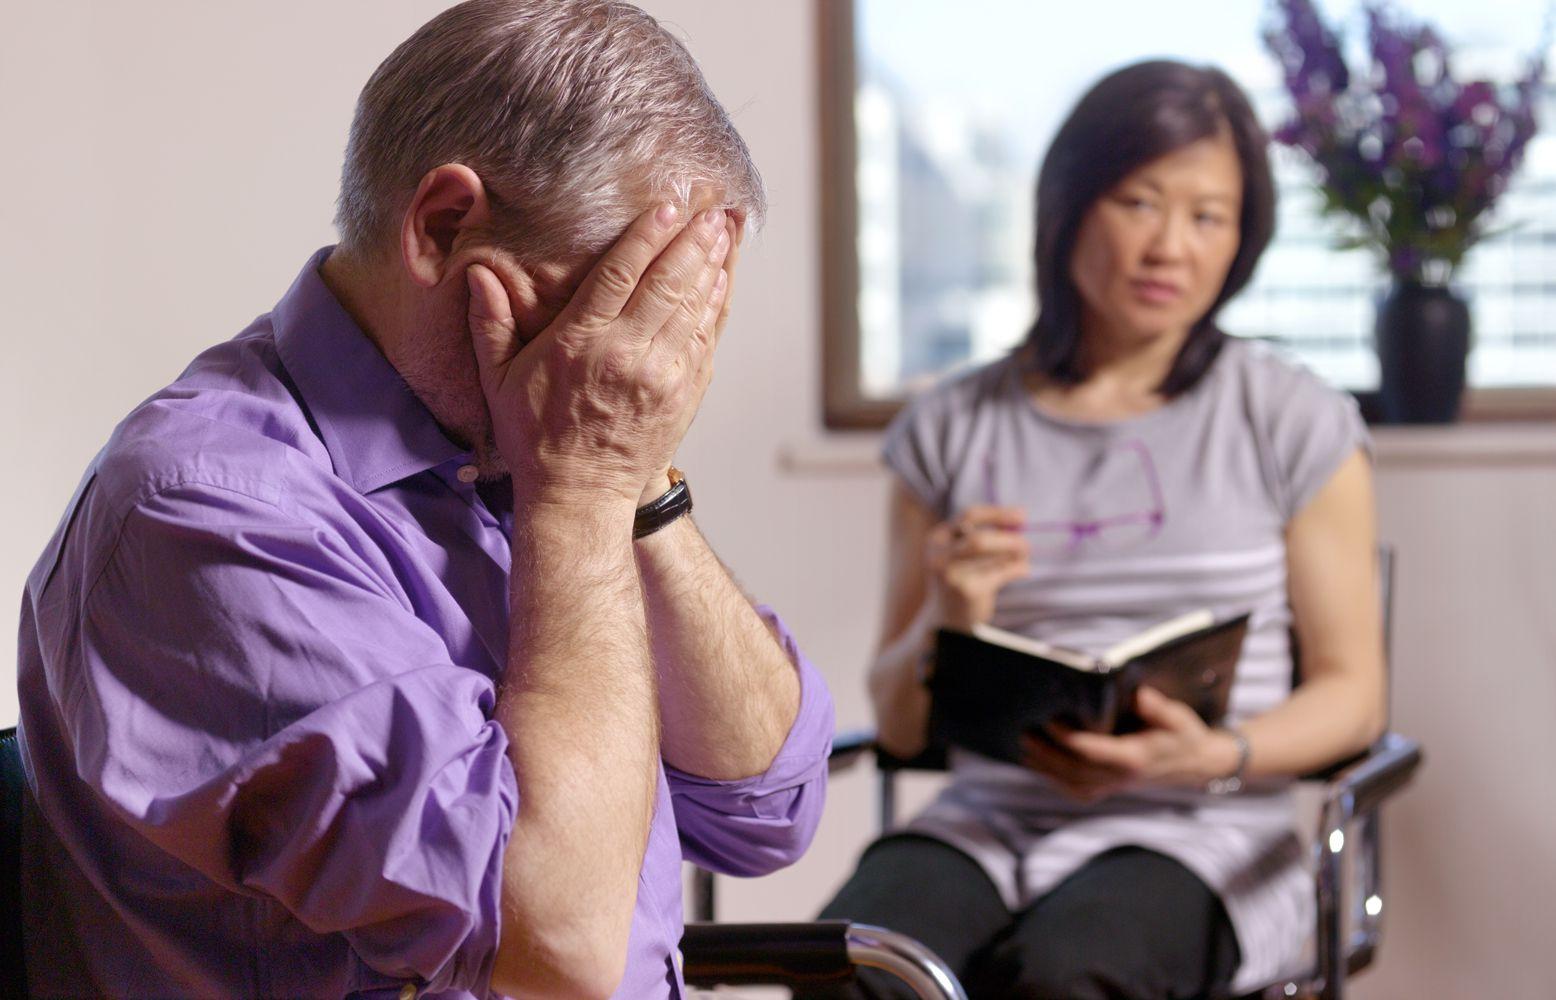 ПТСР: справляться, поддерживать и жить хорошо